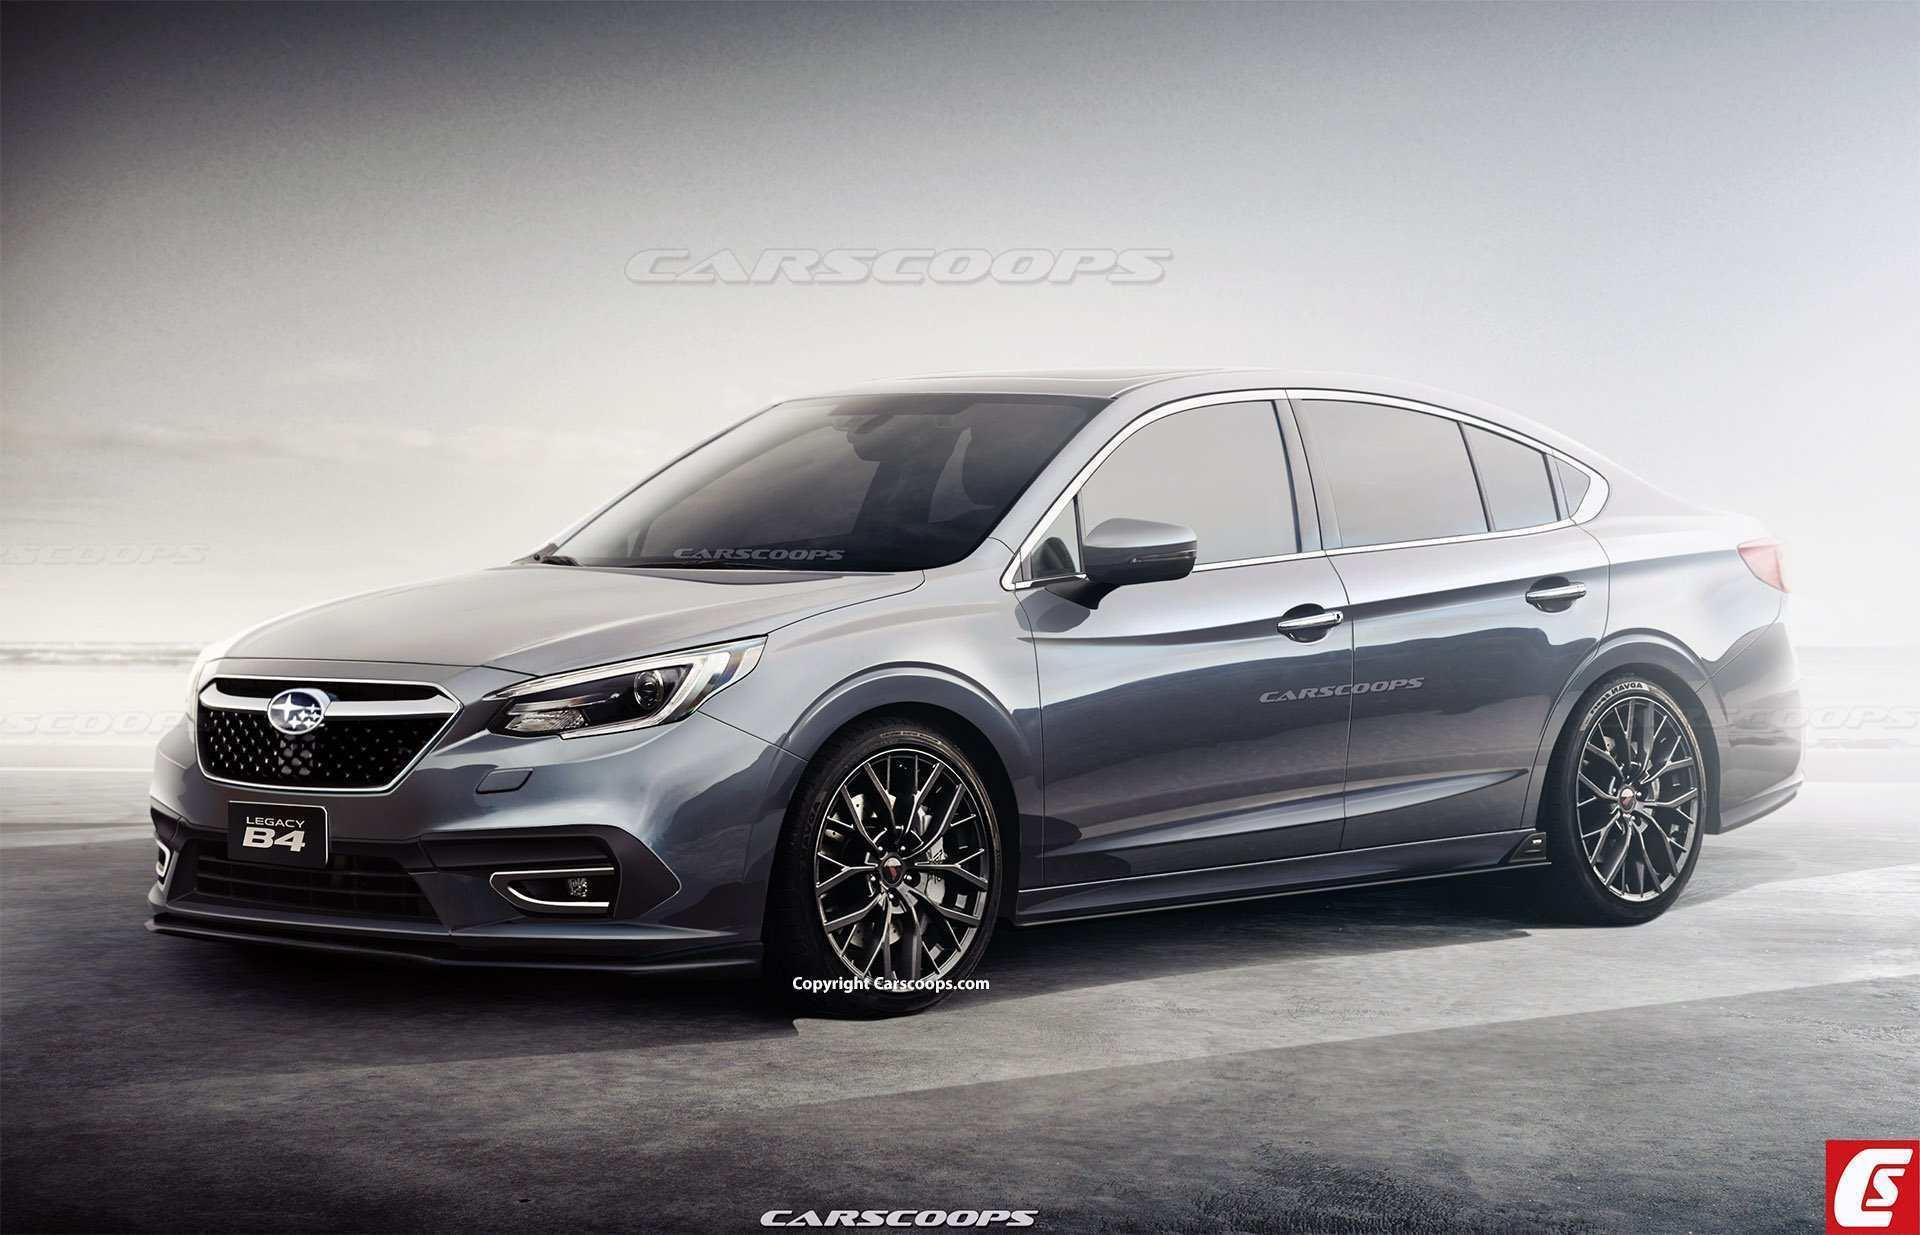 82 Gallery of 2020 Subaru Dimensions Exterior with 2020 Subaru Dimensions